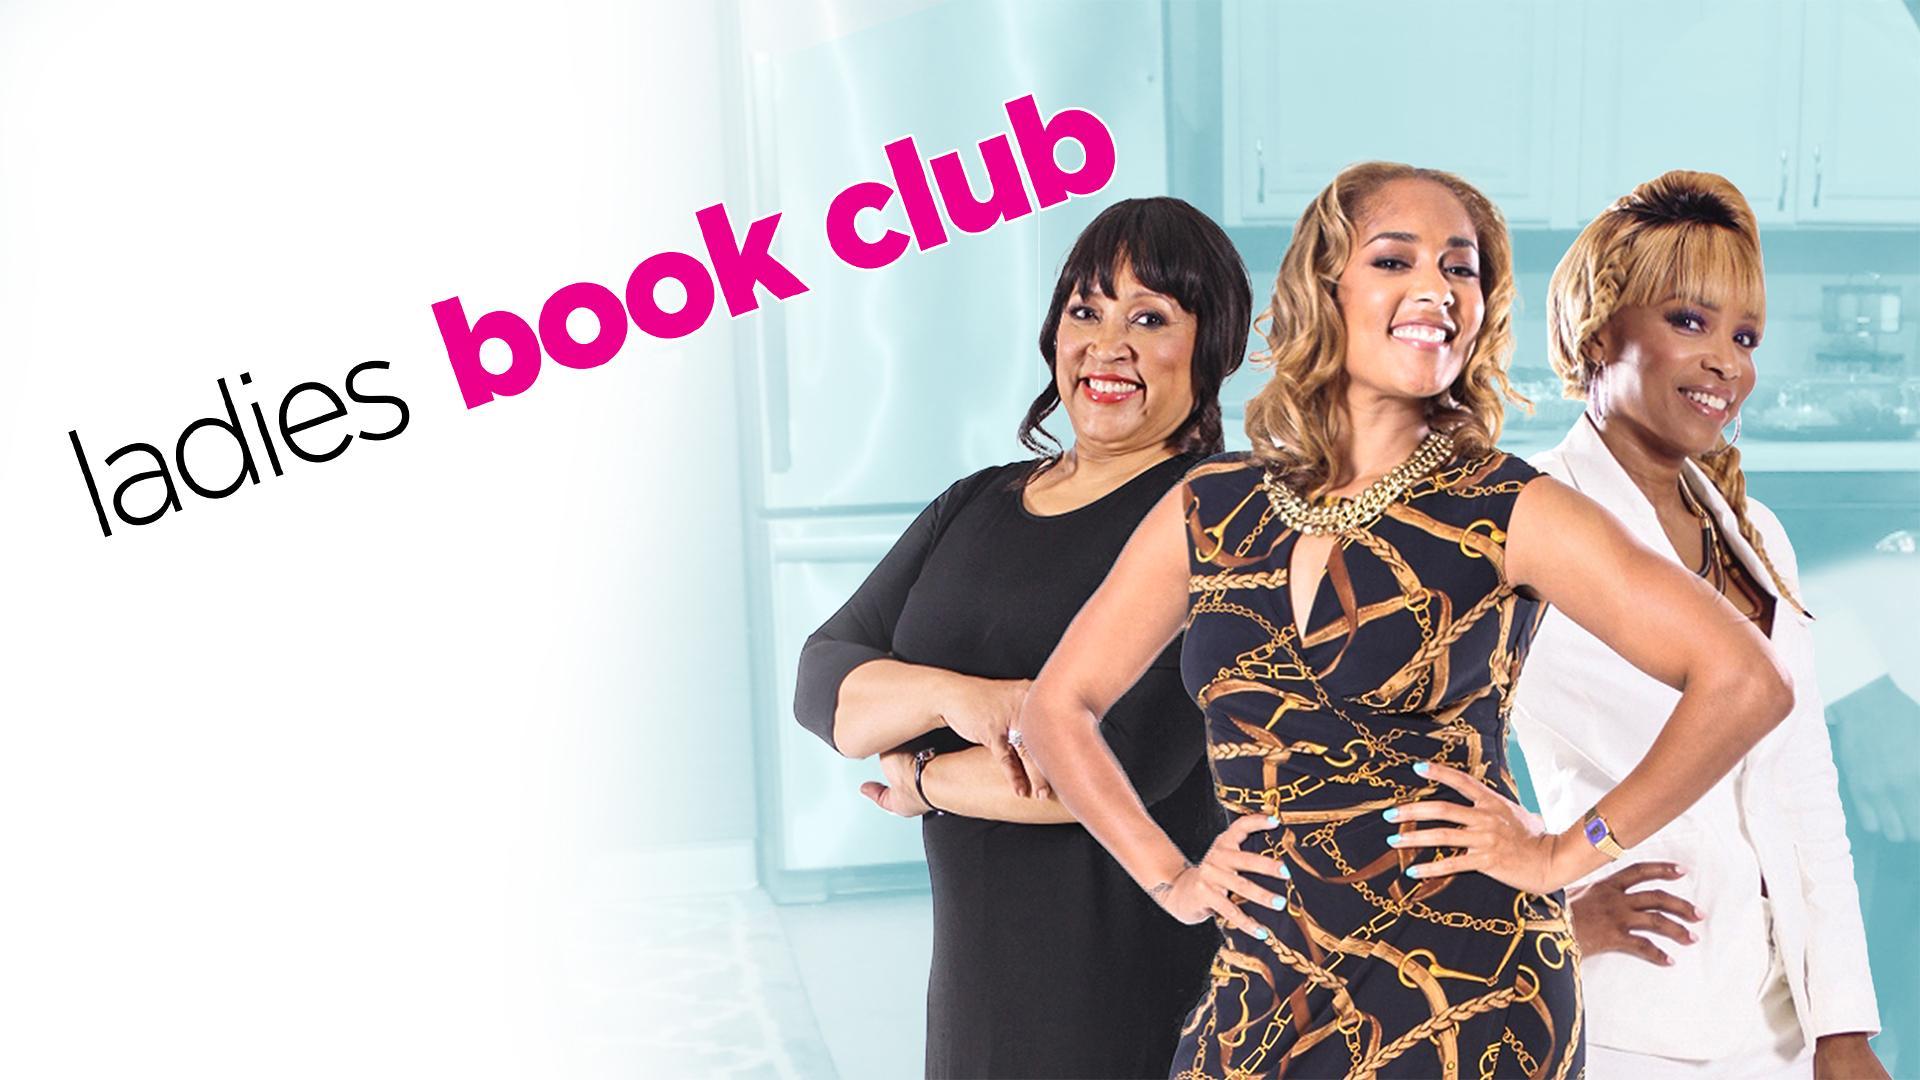 ladiesbookclub